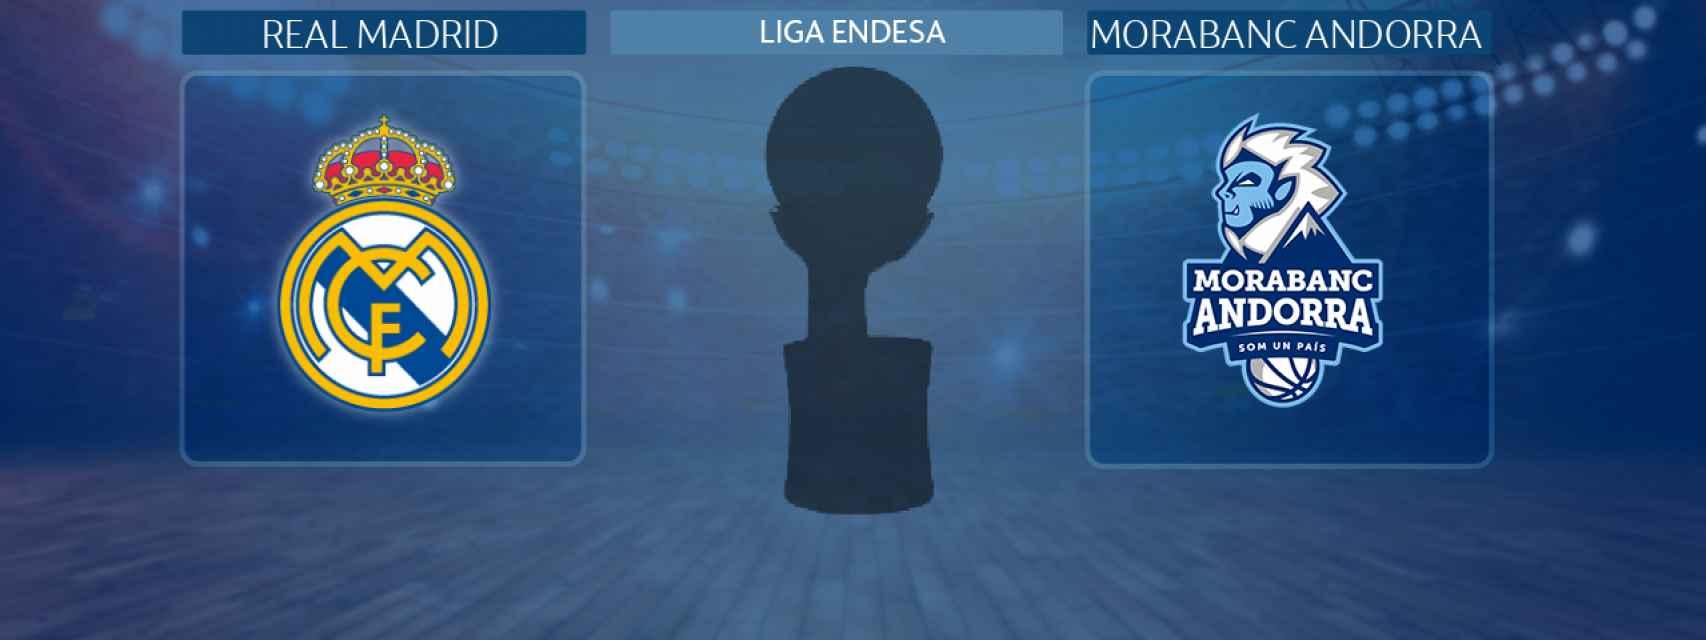 Real Madrid - MoraBanc Andorra, partido de la Liga Endesa